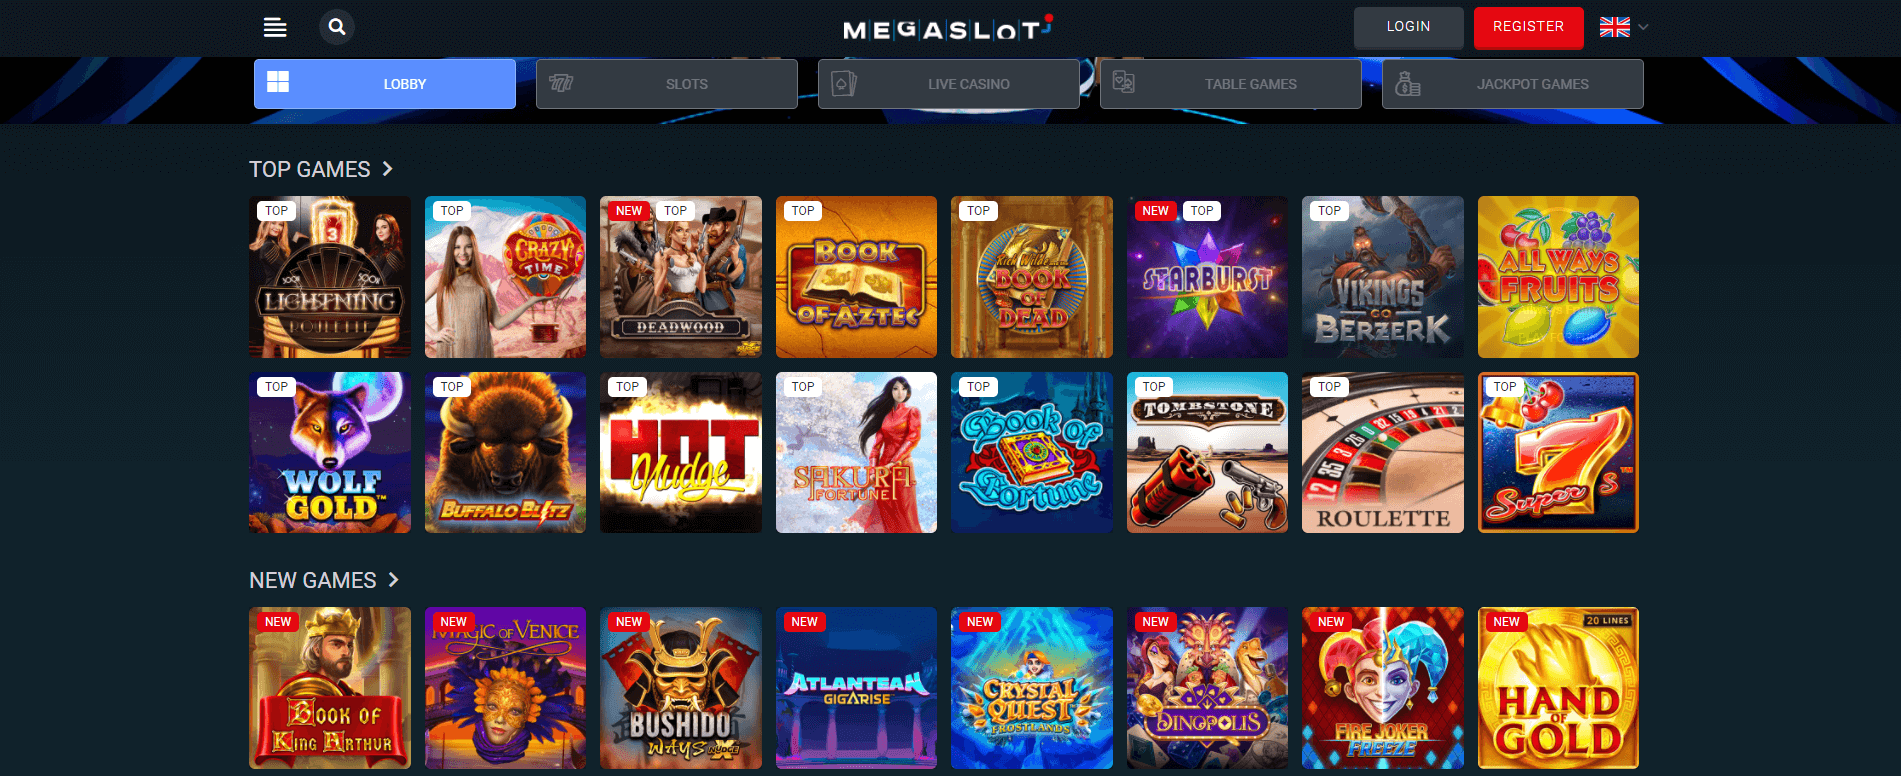 Megaslots lobby